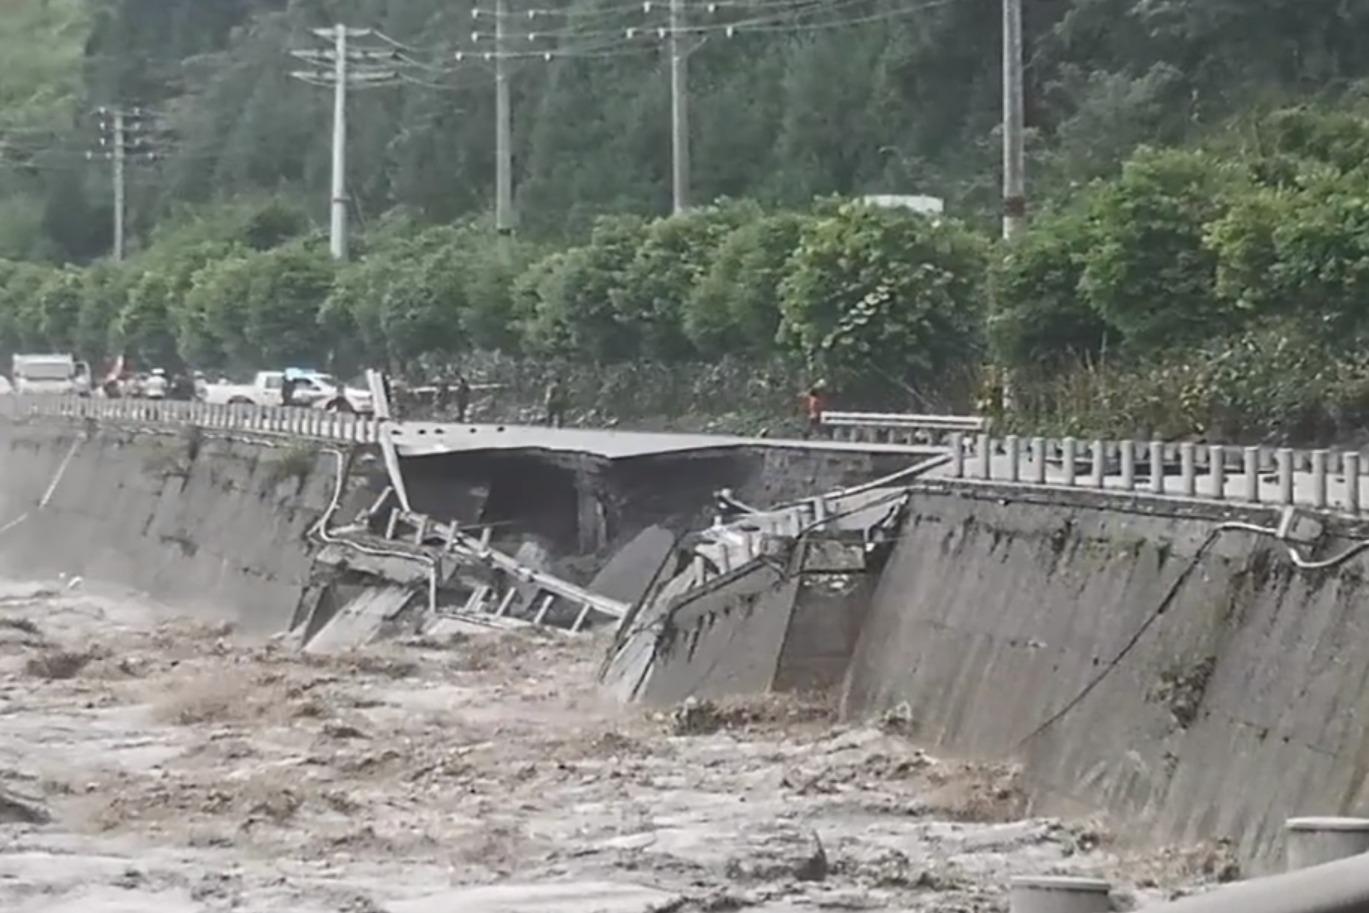 四川雅安国道路面突发塌陷,实拍洪水冲毁护栏瞬间